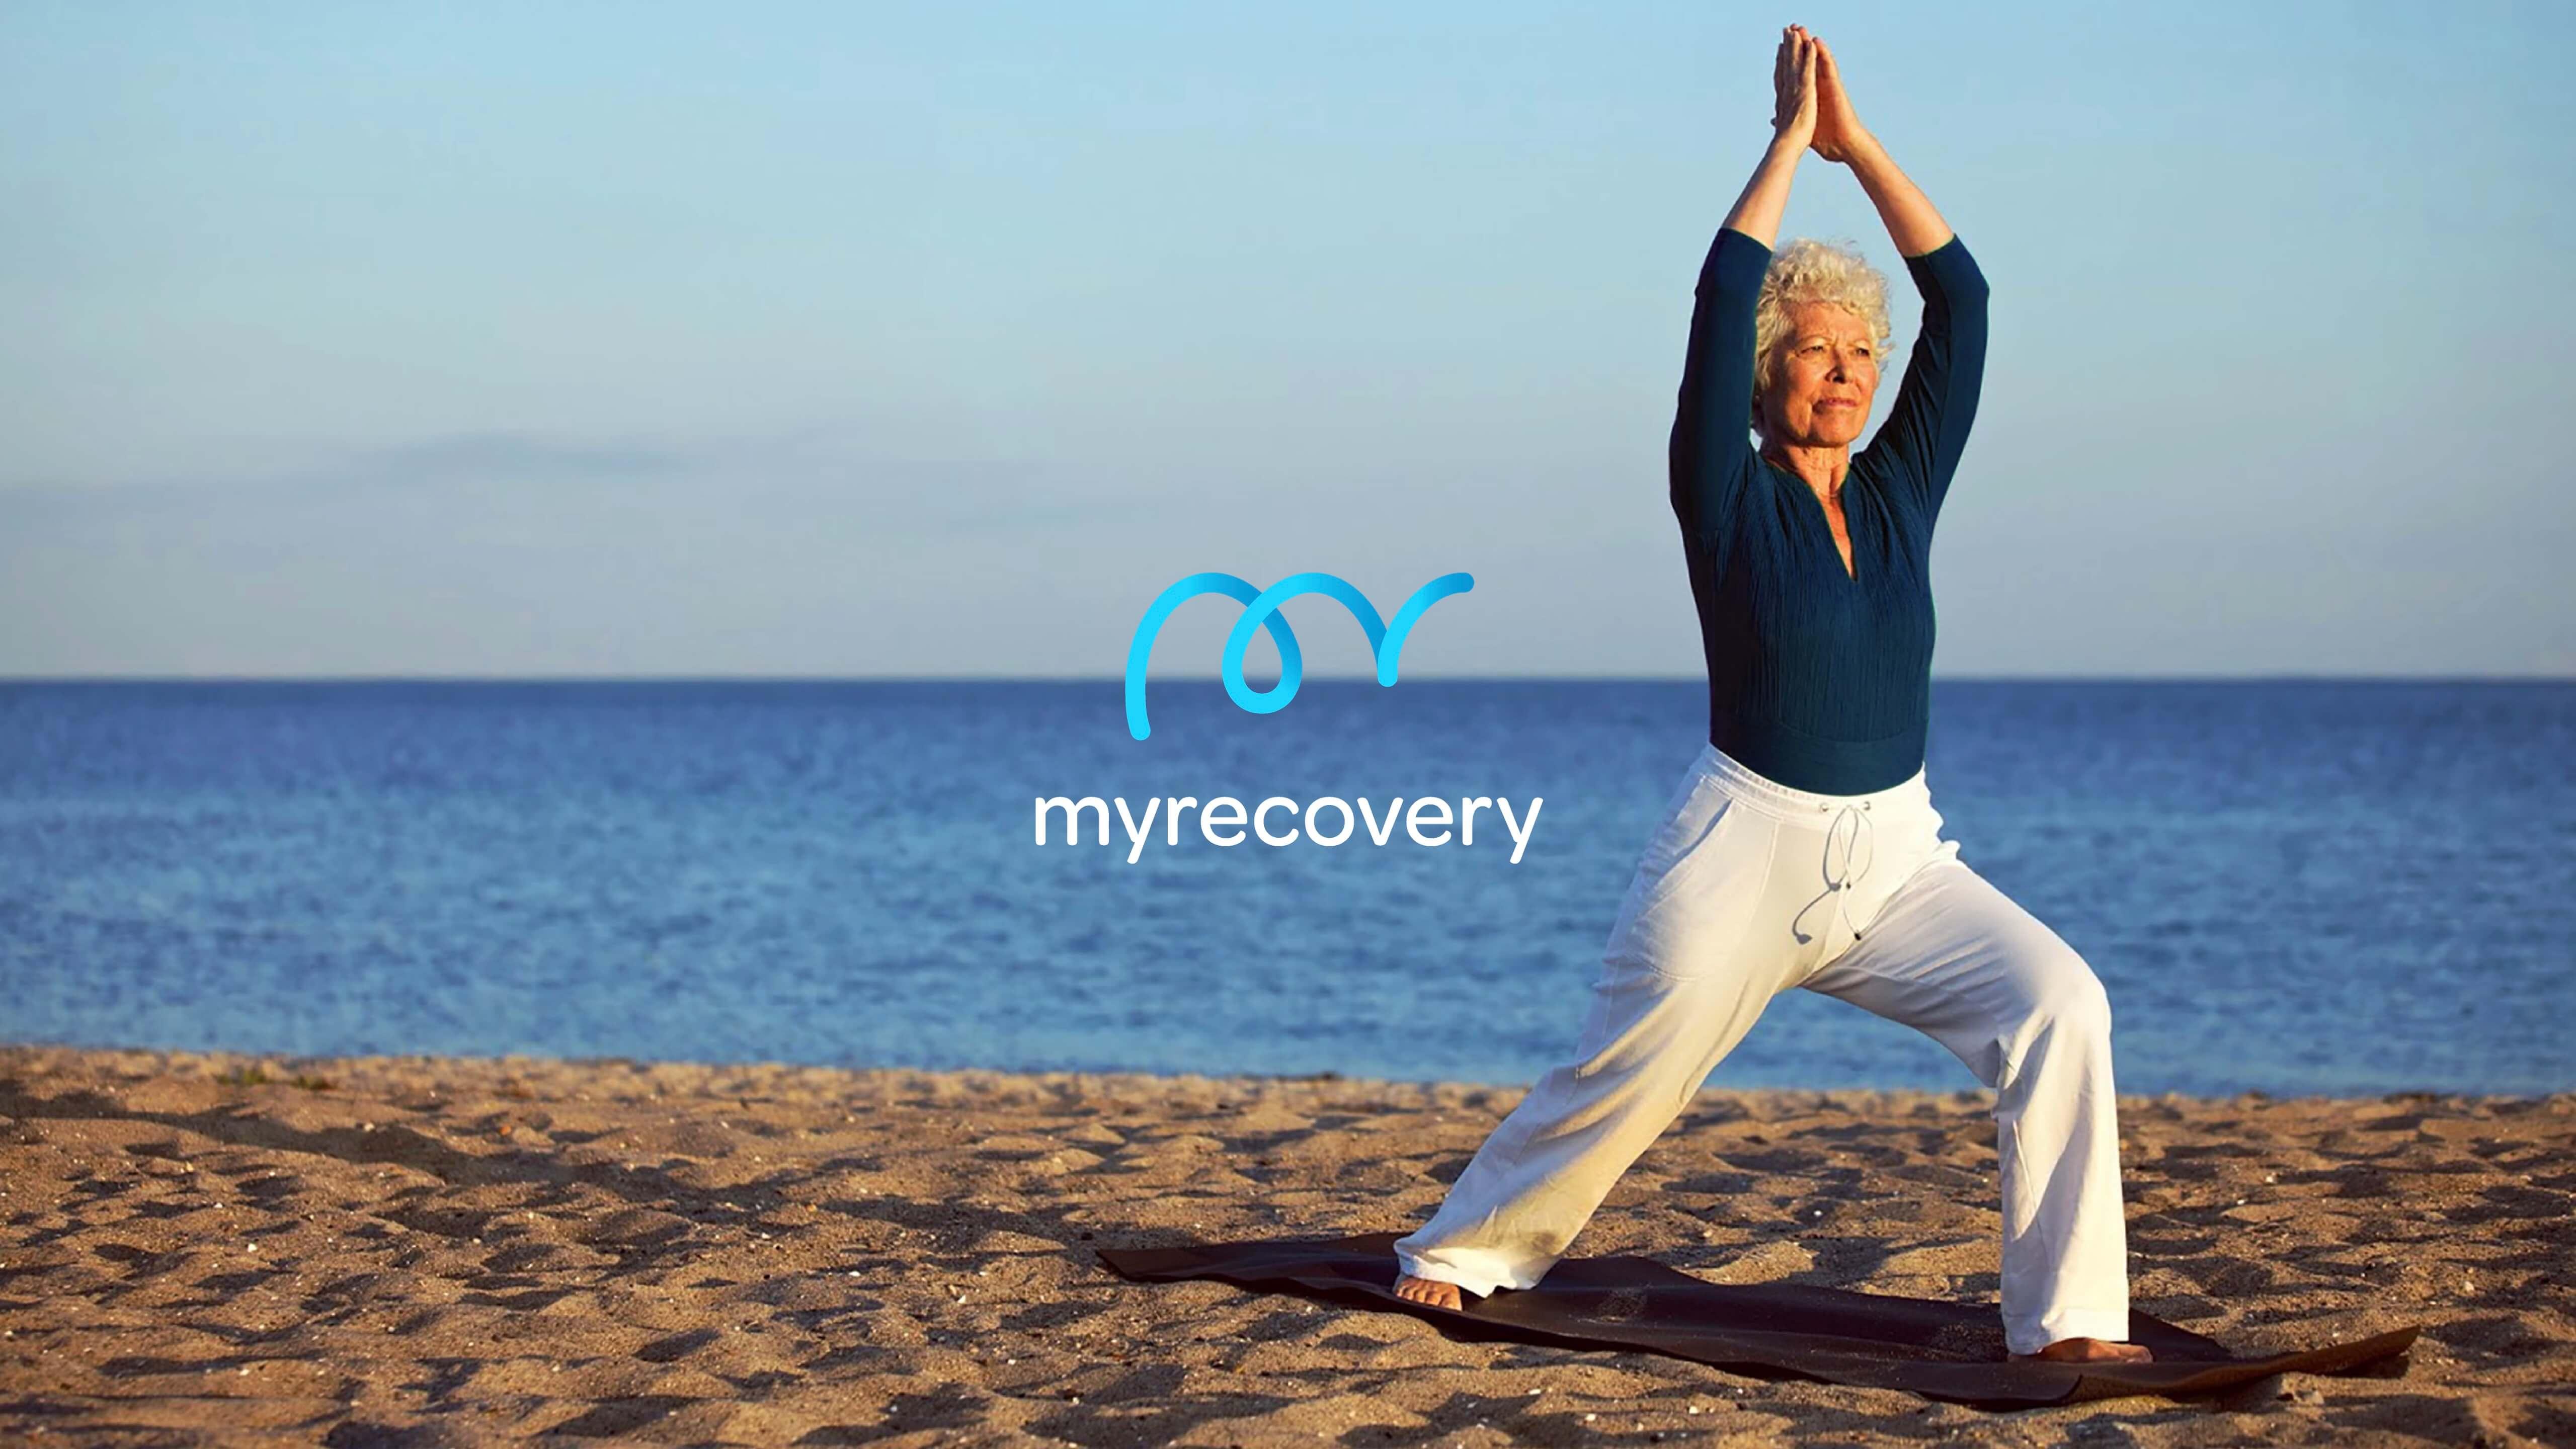 myrecovery-H8